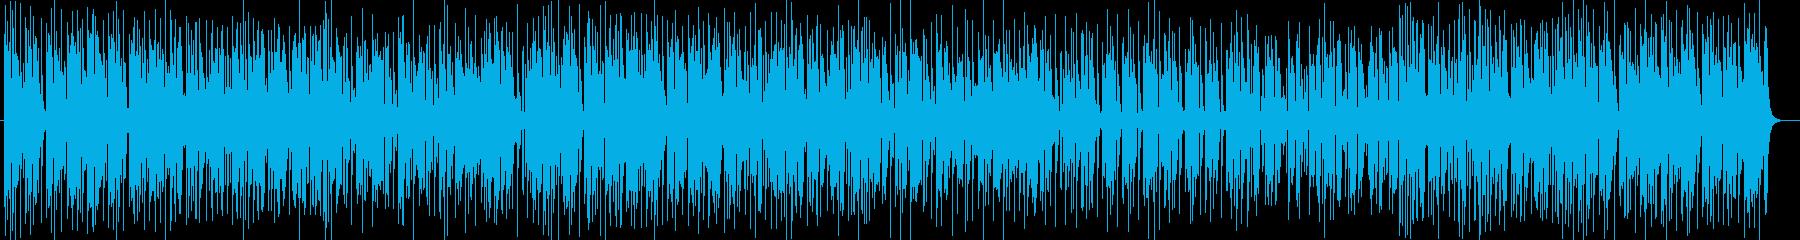 アニメ挿入歌のようなシンセサイザー曲の再生済みの波形